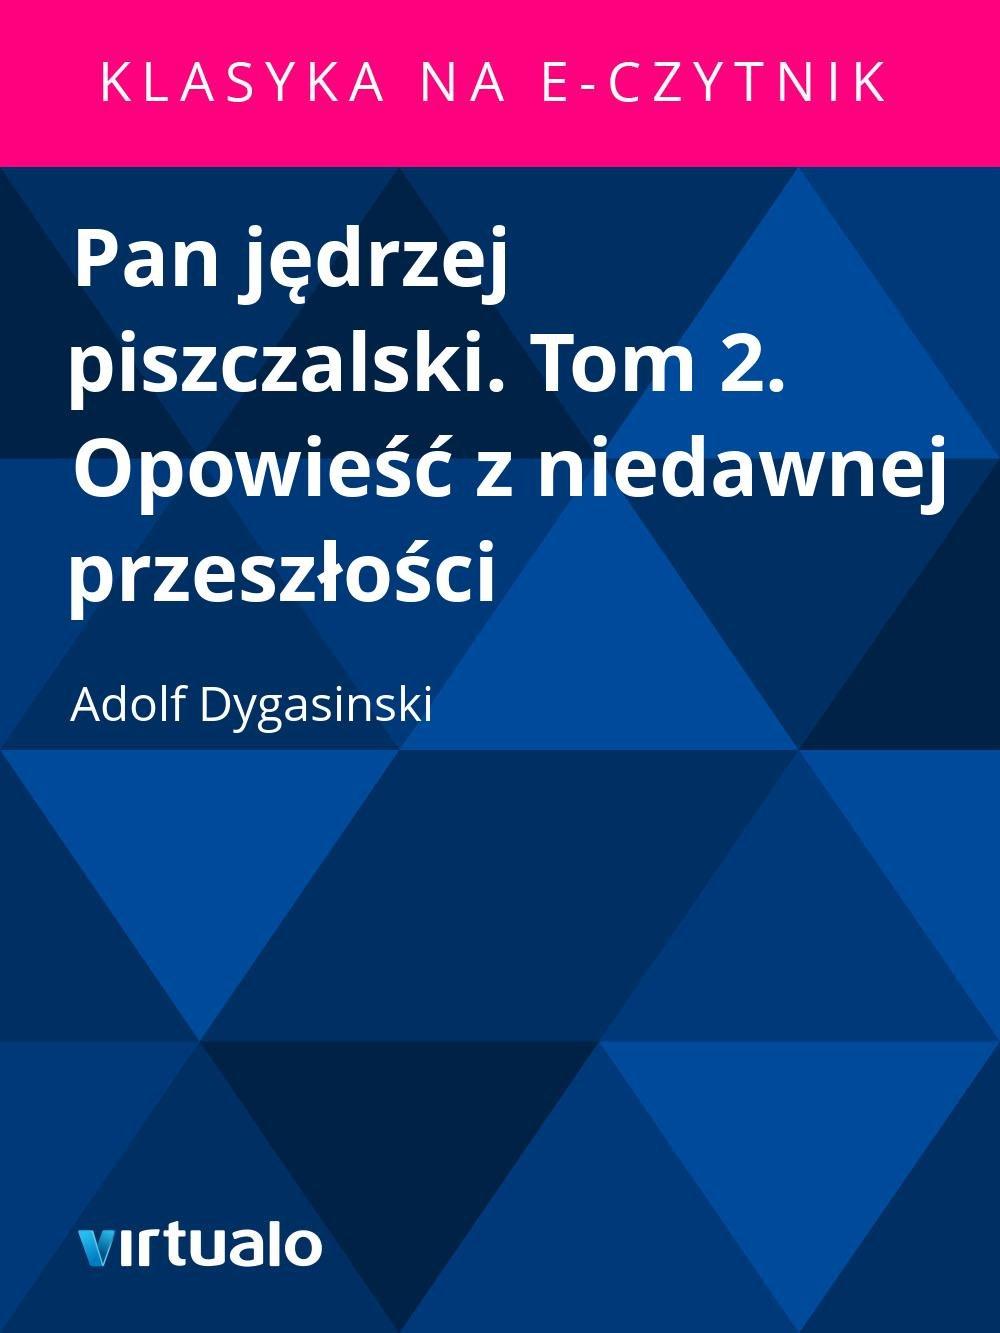 Pan jędrzej piszczalski. Tom 2. Opowieść z niedawnej przeszłości - Ebook (Książka EPUB) do pobrania w formacie EPUB